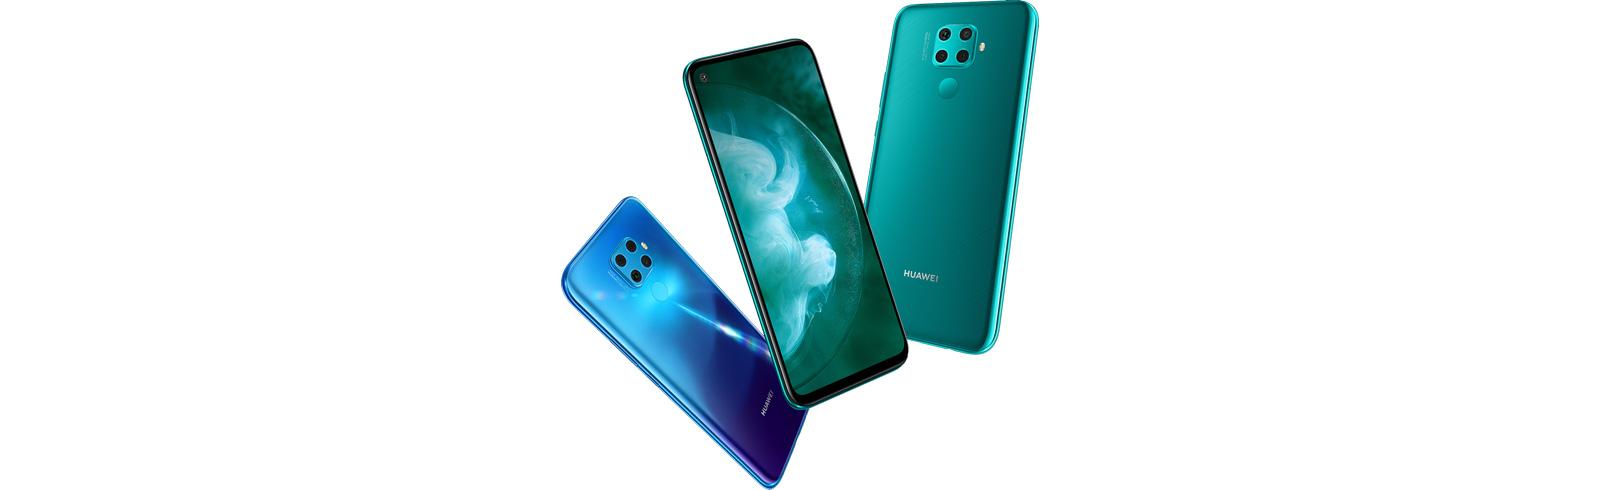 Huawei launches the nova 5z in China